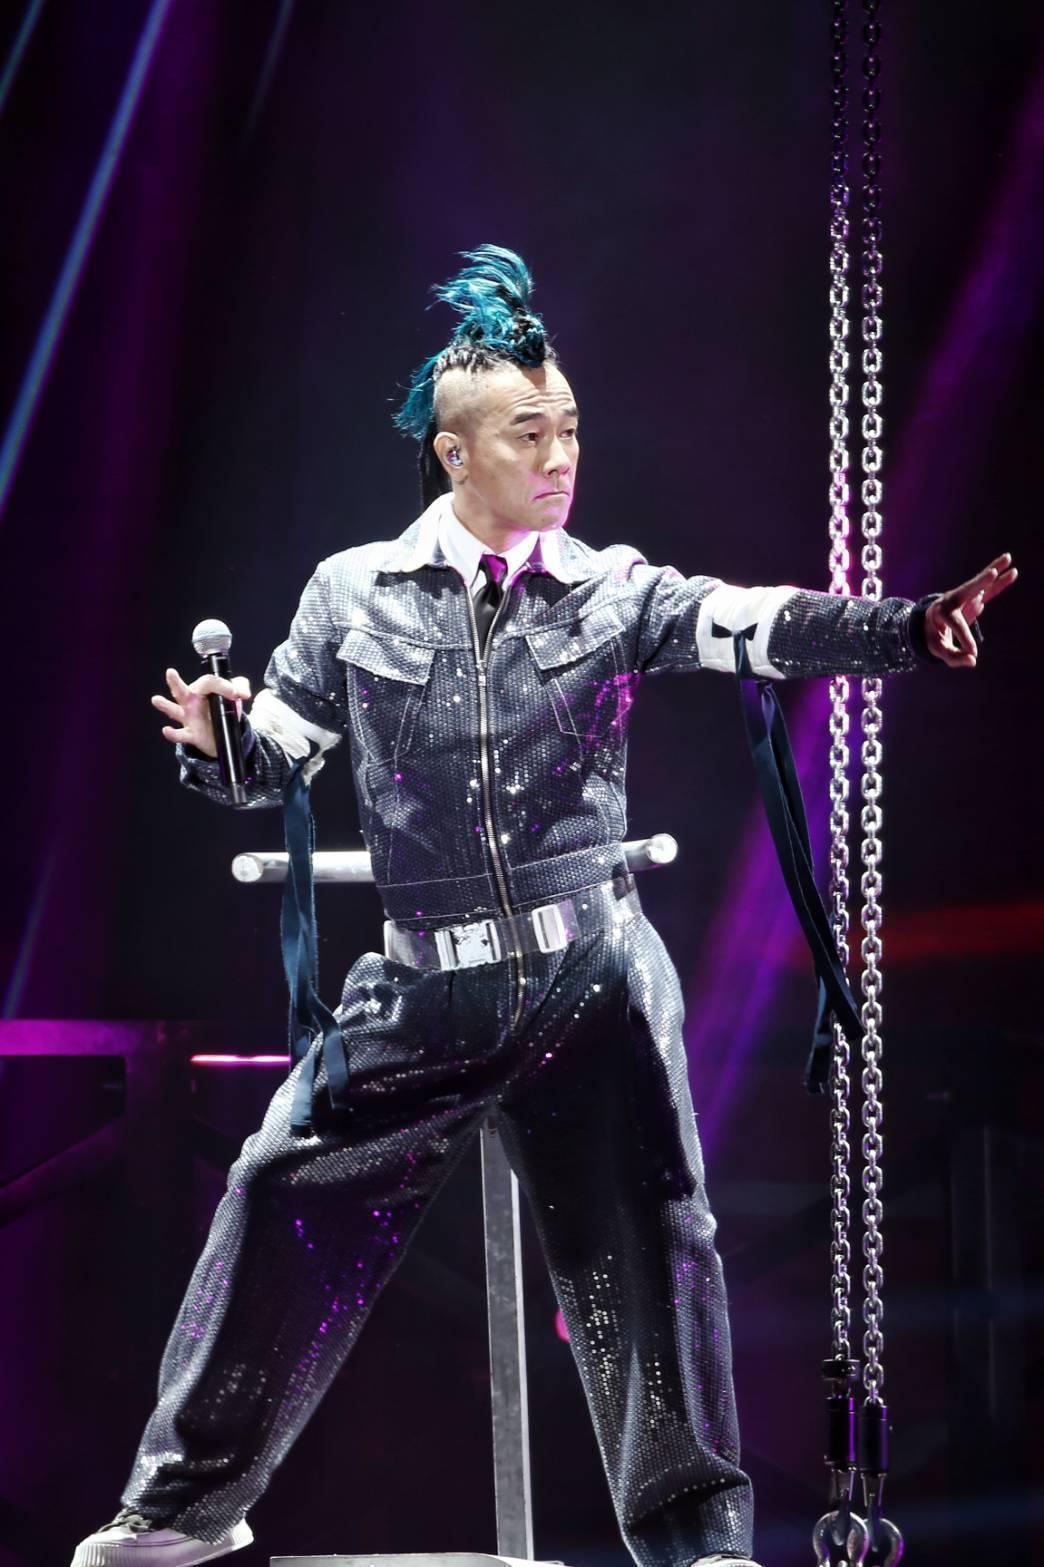 陳小春在林口體育館舉辦「STOP ANGRY」演唱會。圖/報系資料照